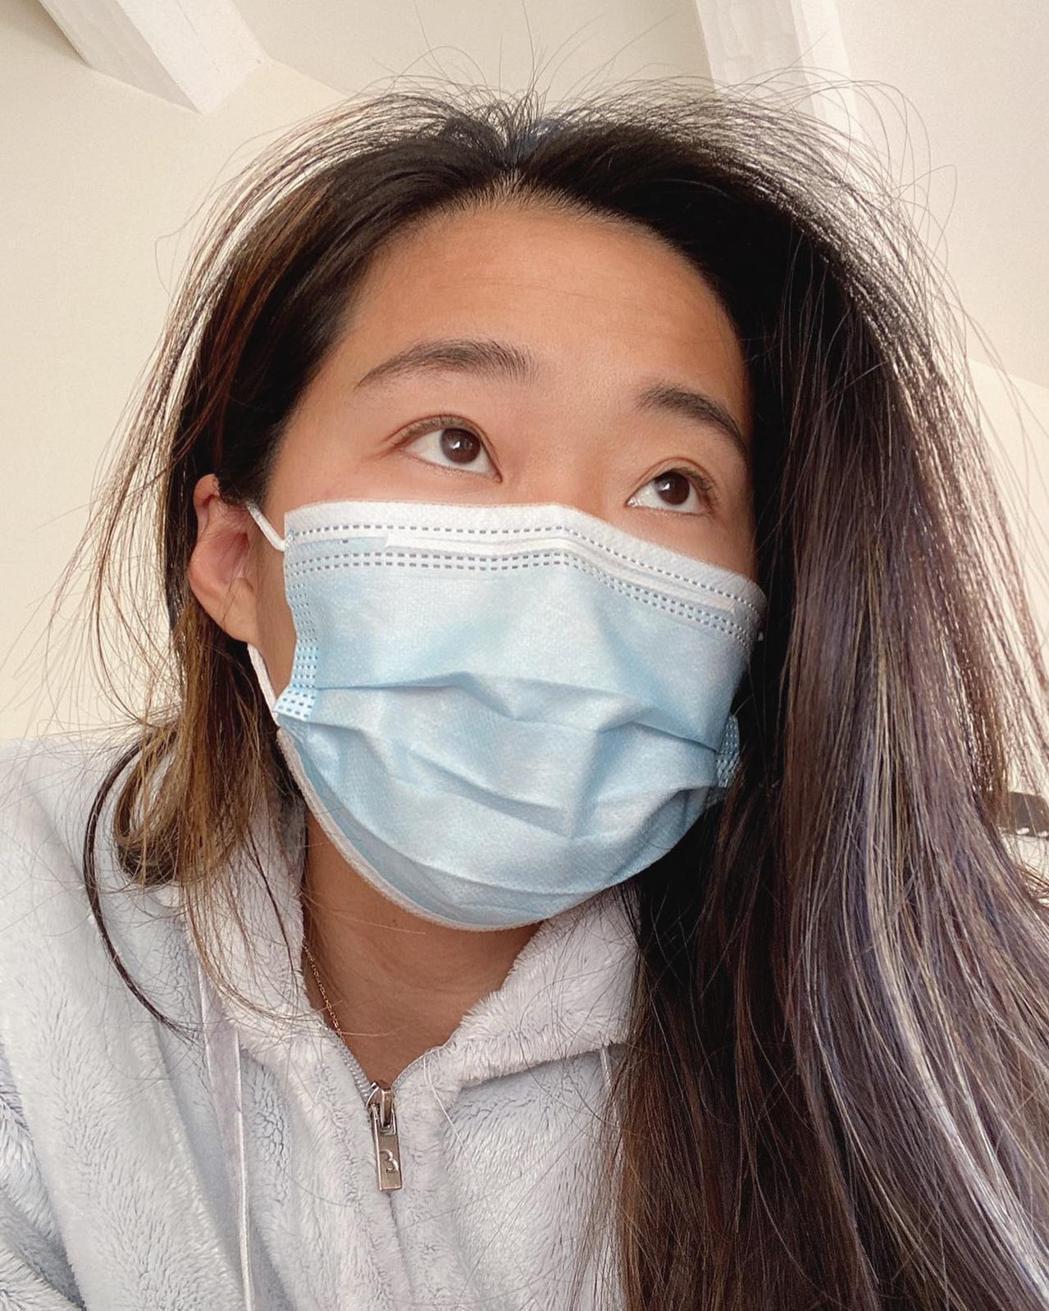 亞歷媽確診新冠肺炎後,報告目前健康恢復狀況。 圖/擷自亞歷媽IG